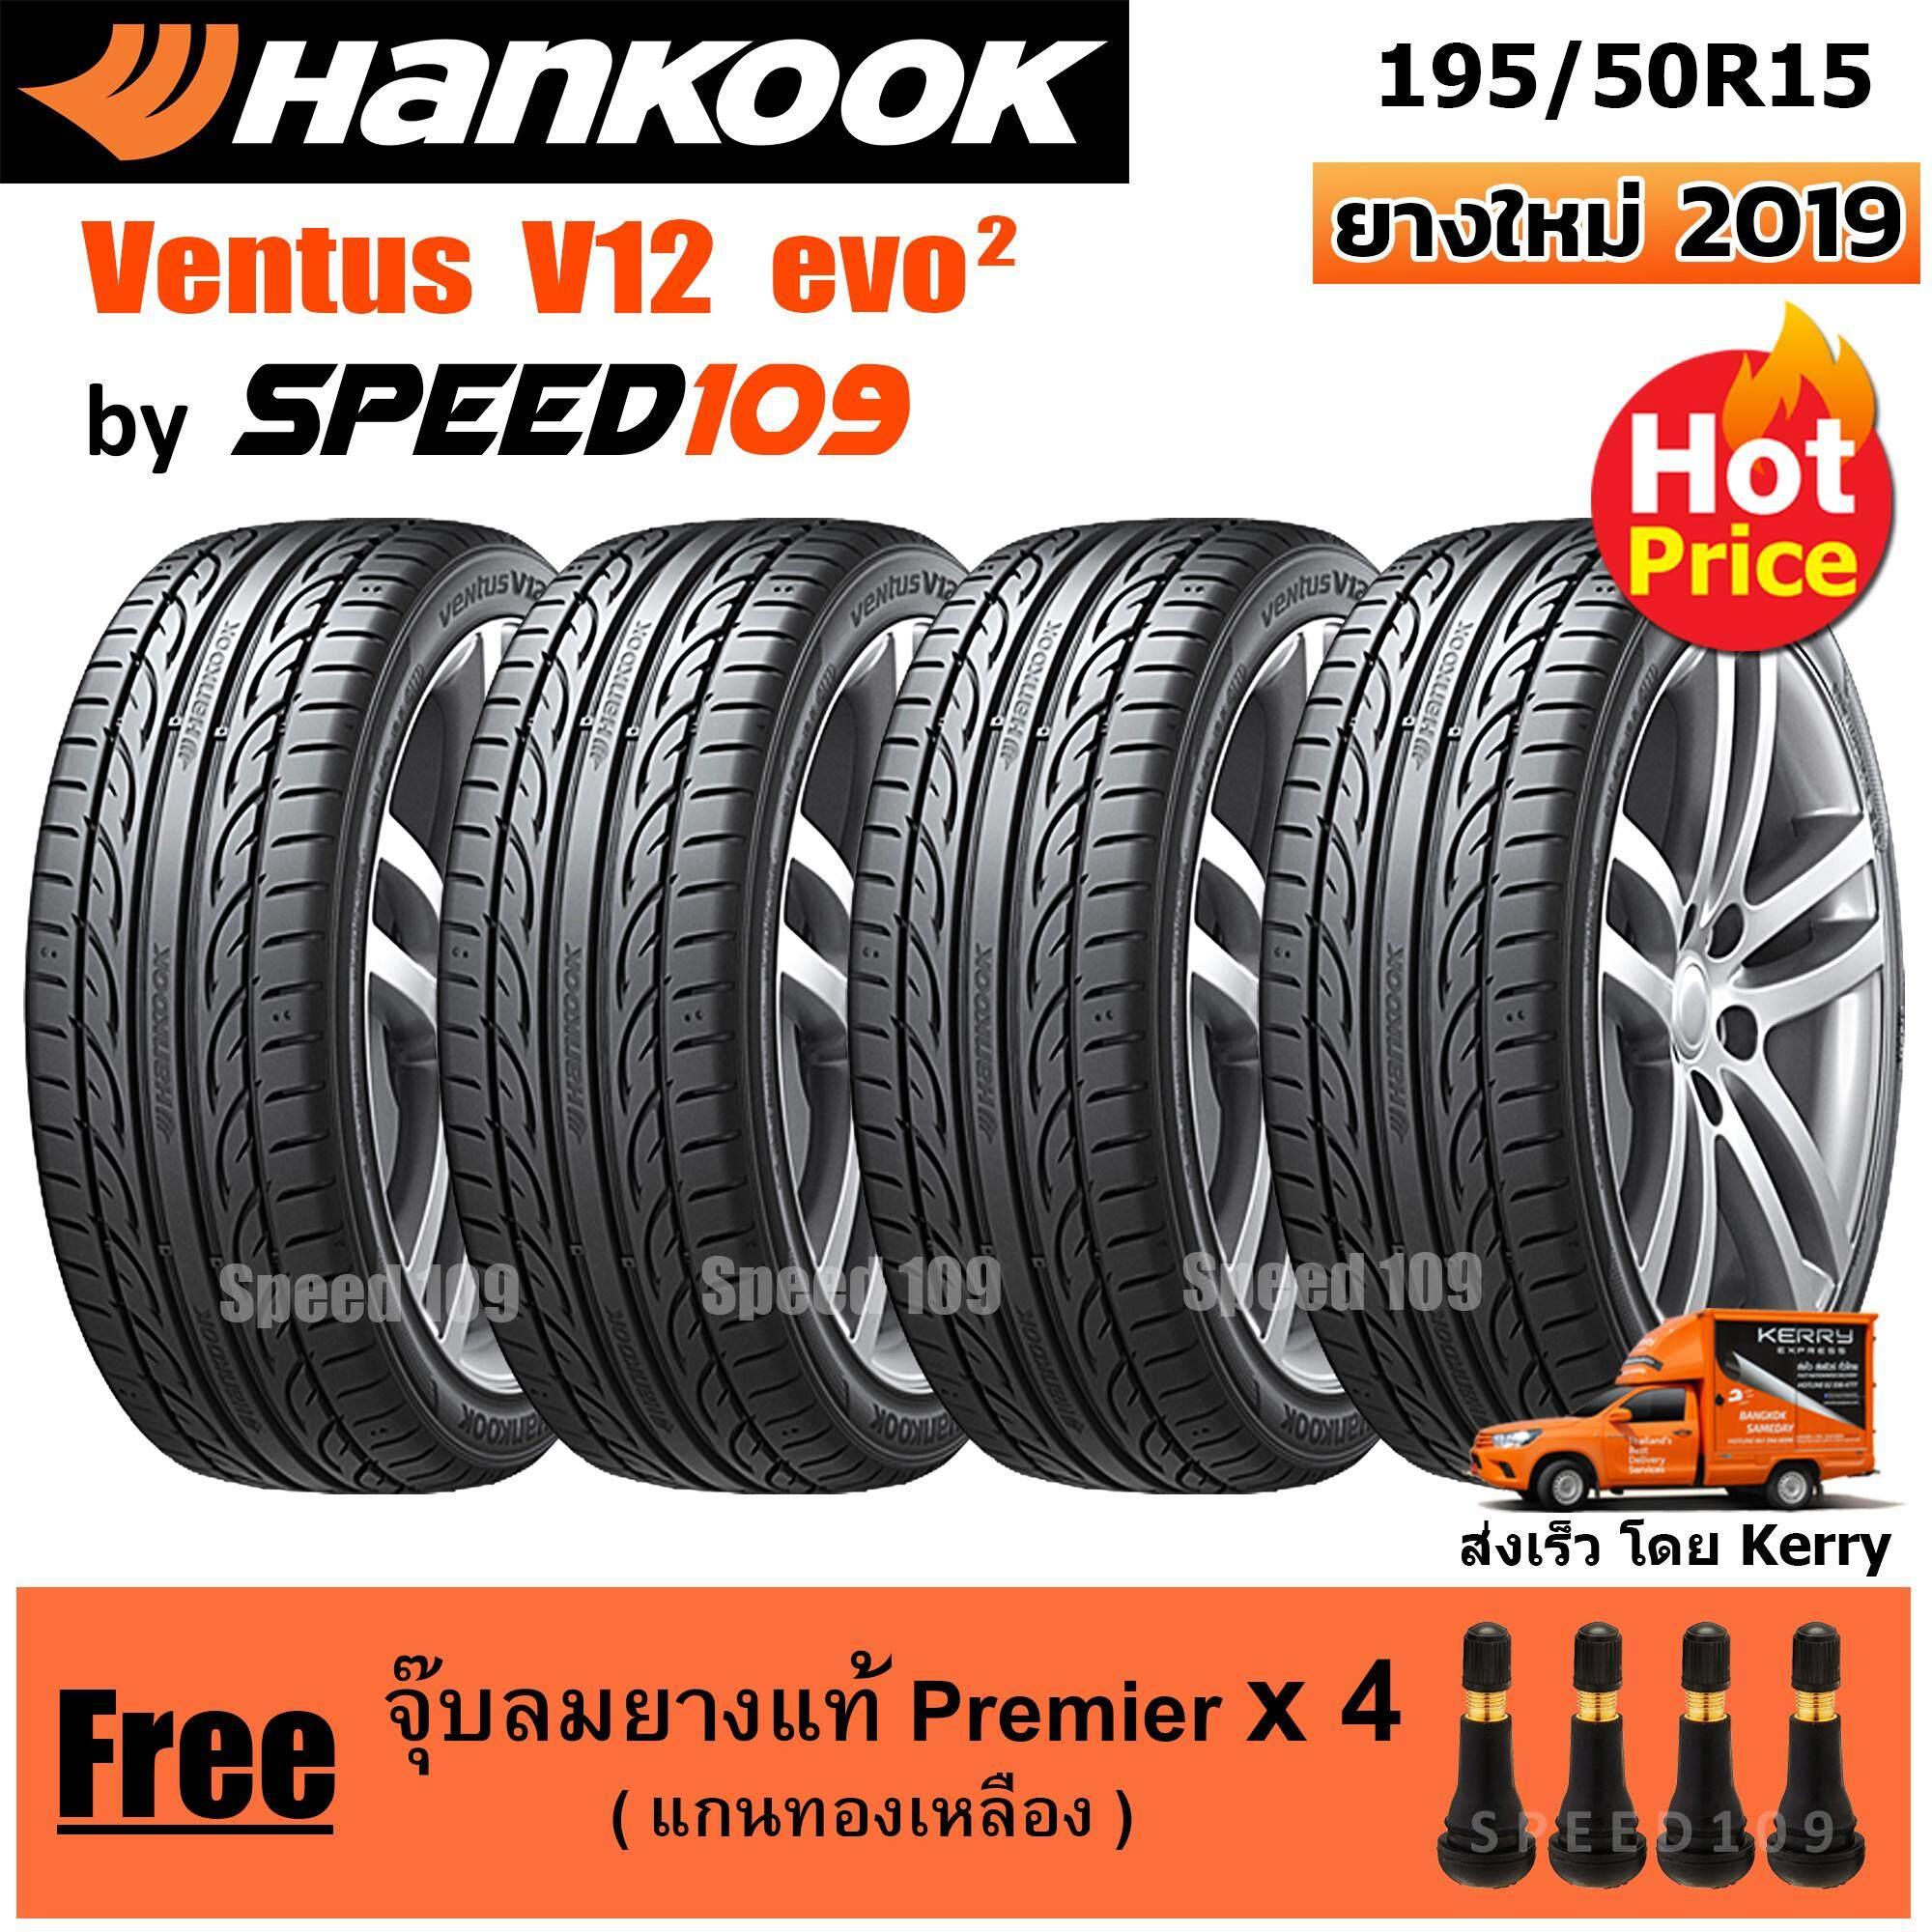 สุรินทร์ HANKOOK ยางรถยนต์ ขอบ 15 ขนาด 195/50R15 รุ่น Ventus V12 Evo2 - 4 เส้น (ปี 2019)